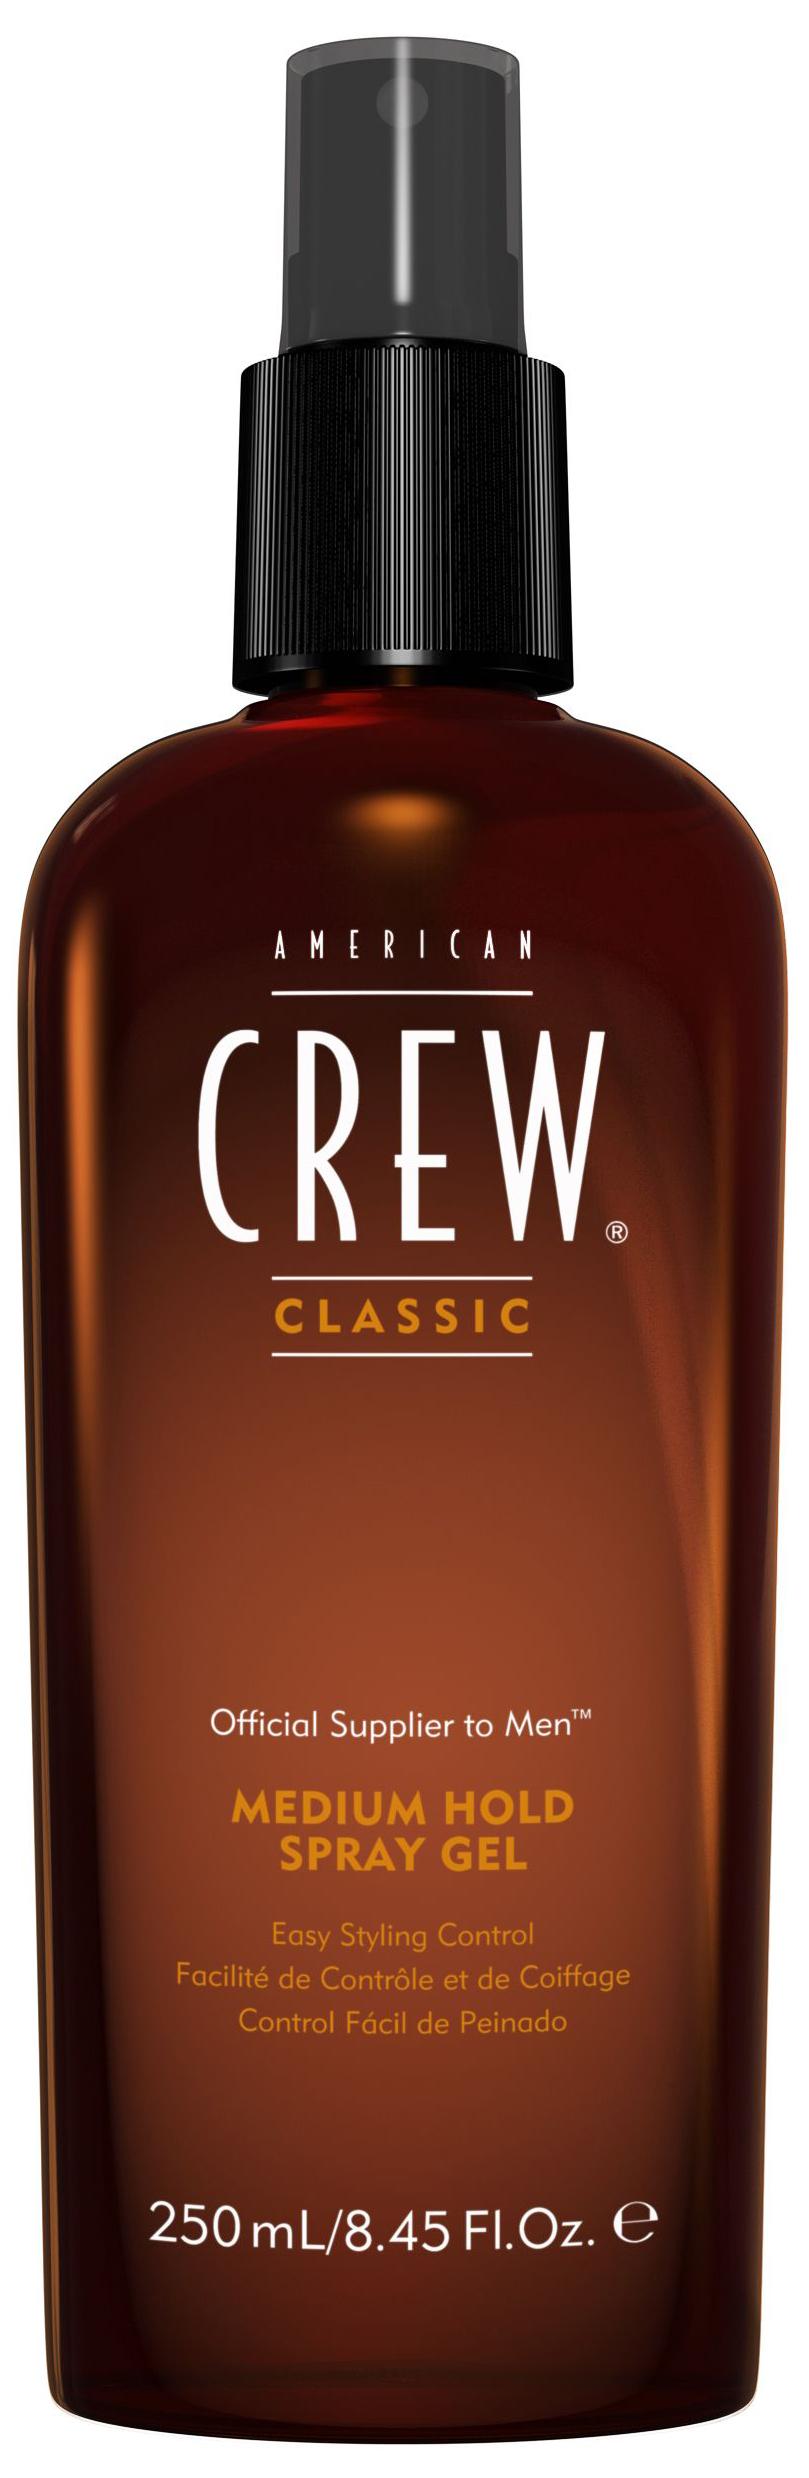 AMERICAN CREW Спрей-гель для волос средней фиксации, для мужчин / Classic Medium Hold Spray Gel 250 мл